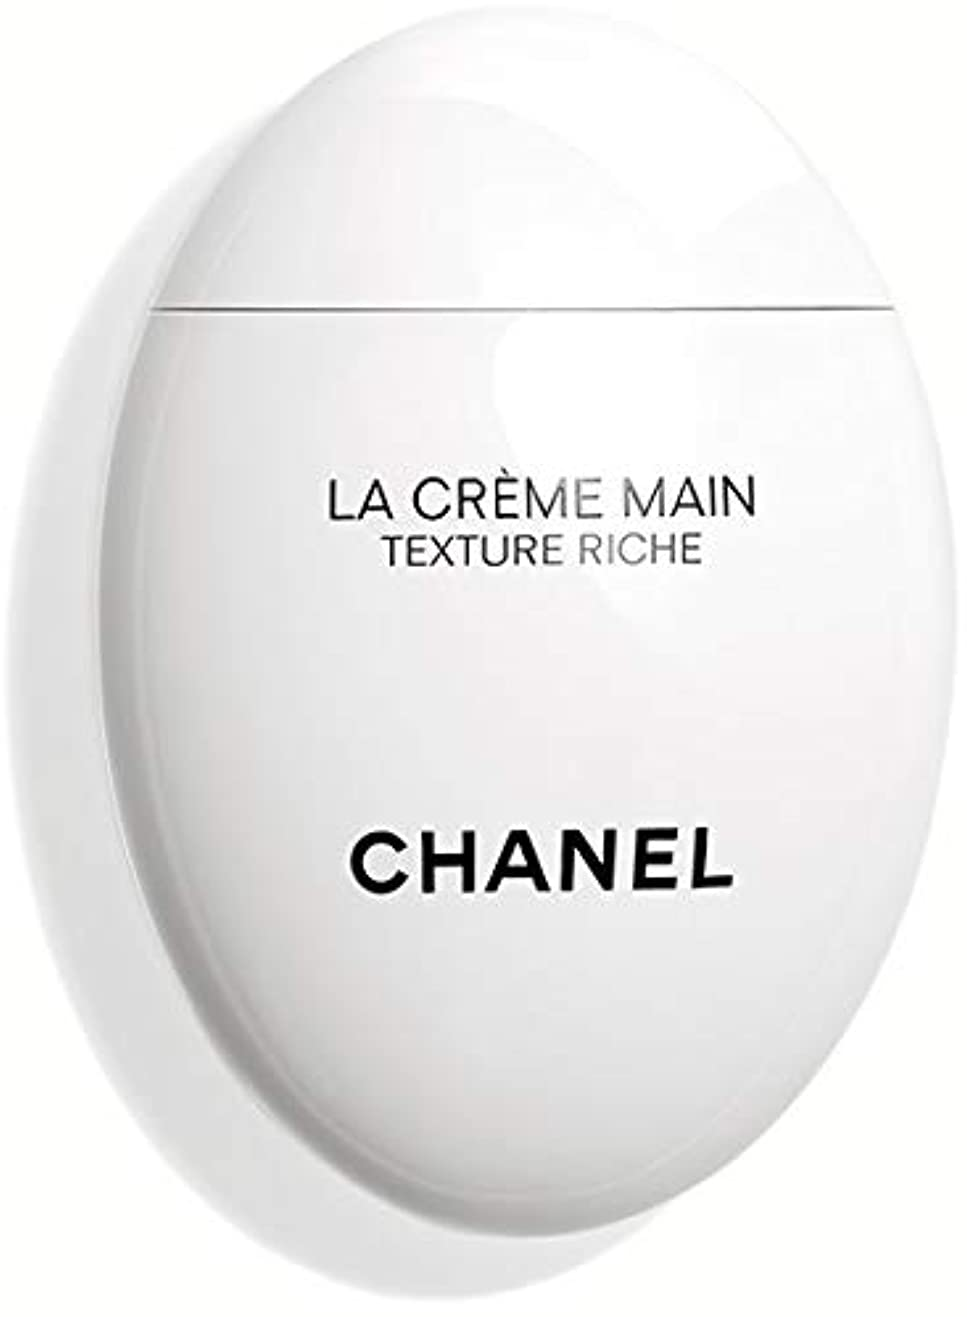 定常通行料金ノイズCHANEL LA CREME MAIN TEXTURE RICHE シャネル ラ クレーム マン リッシュ ハンドクリーム (リッチ)50ml オリジナルラッピング&ショップバッグ